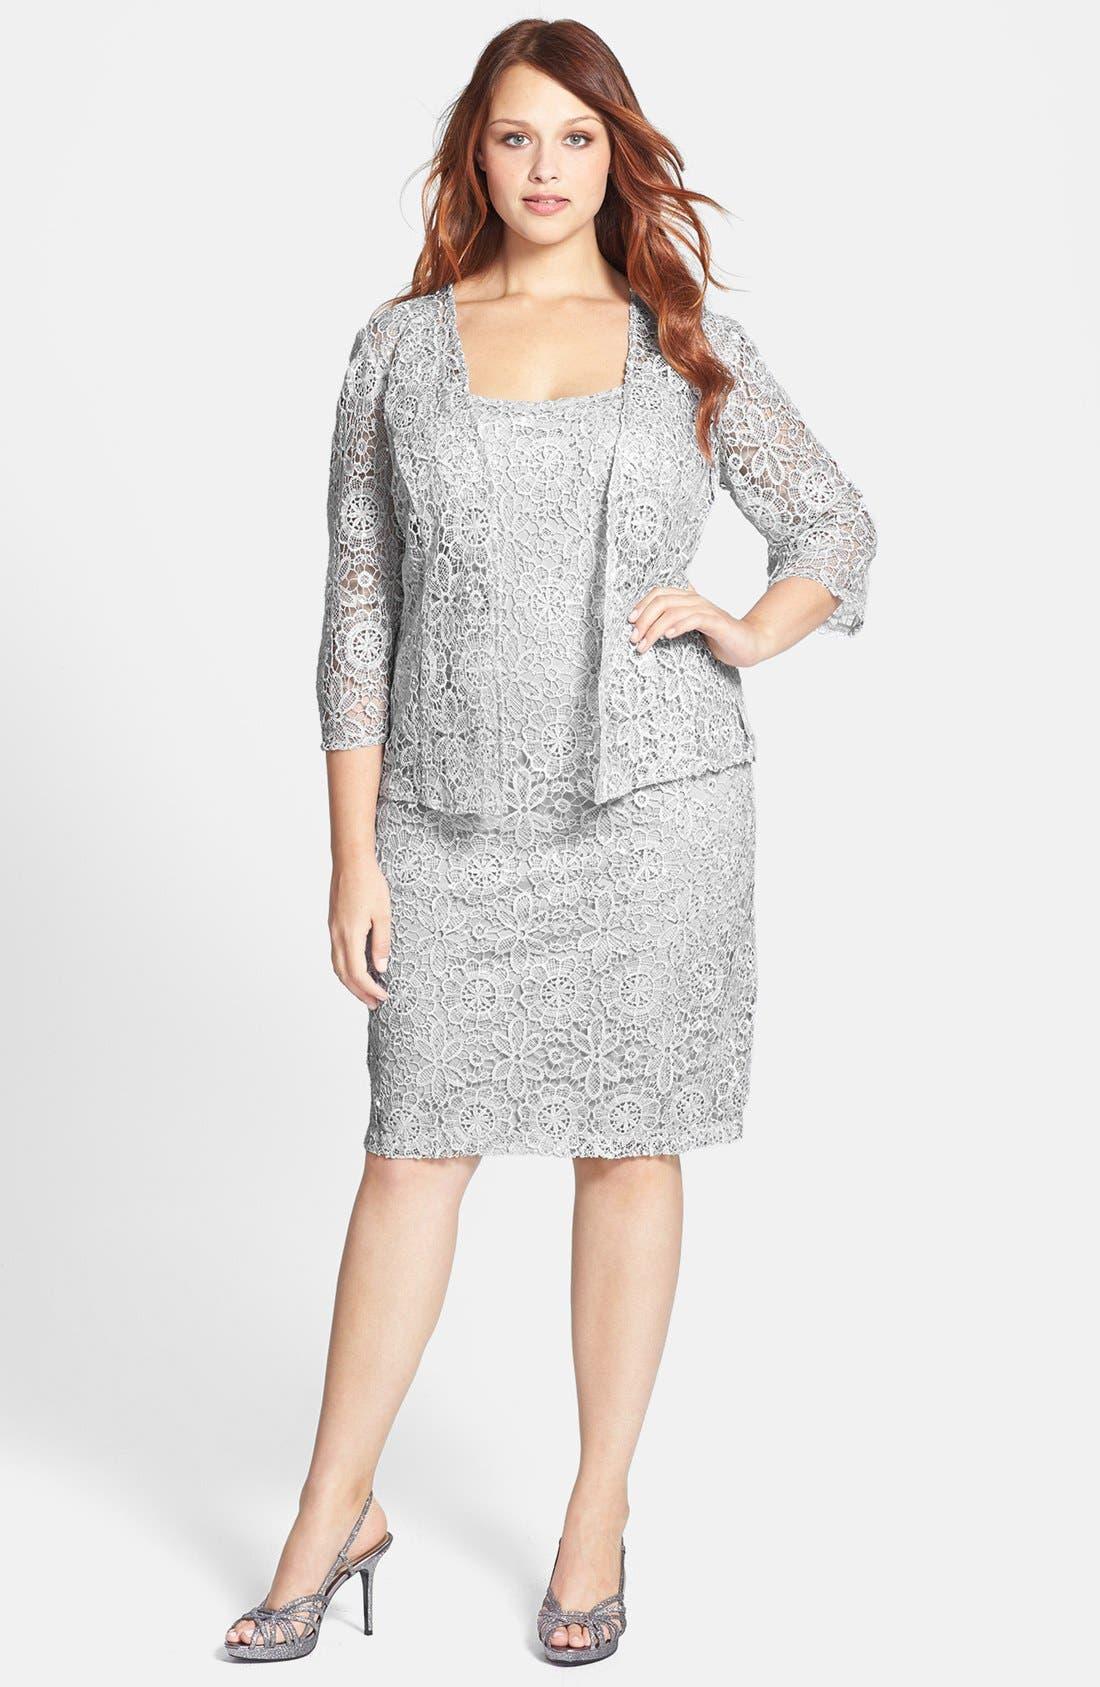 Main Image - Alex Evenings Sequin Lace Dress & Jacket (Plus Size)